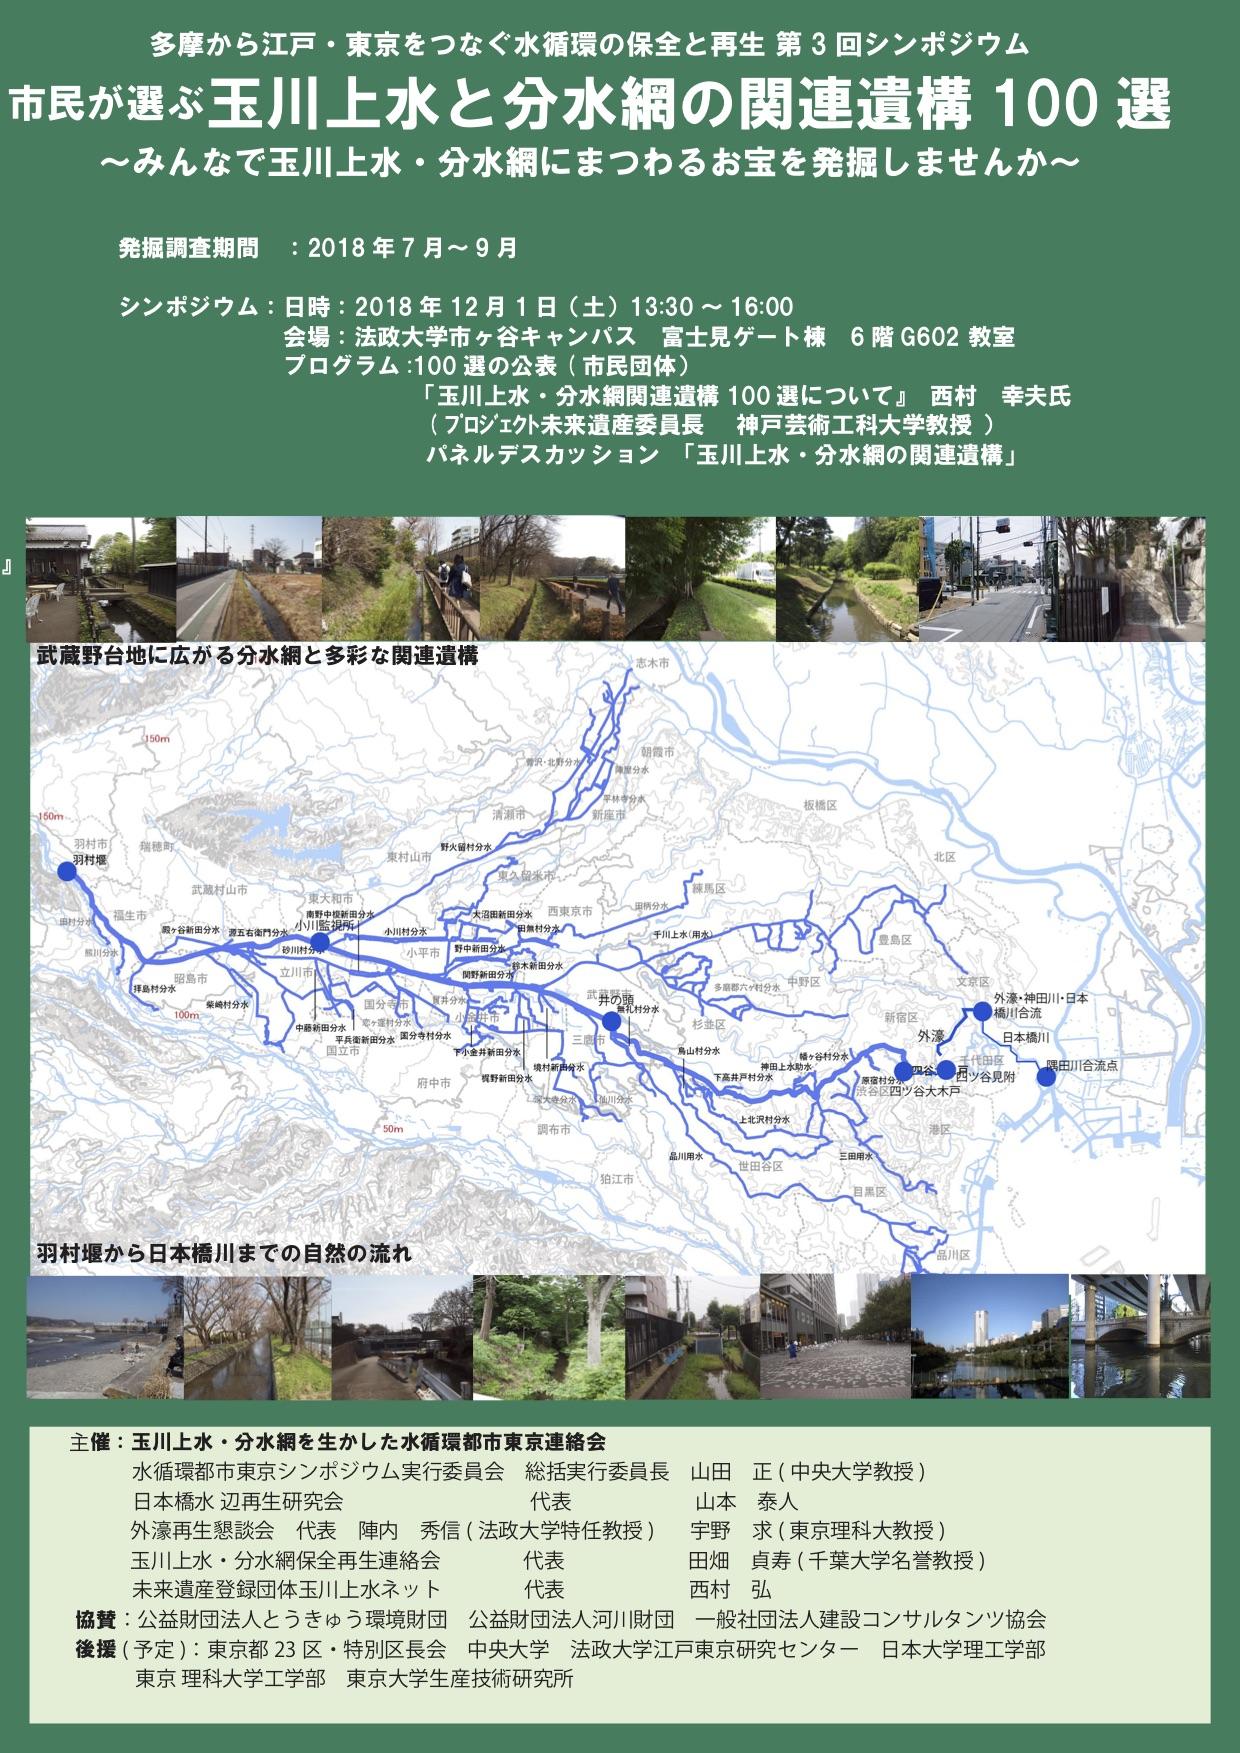 【関連イベントのご案内です】「市民が選ぶ玉川上水と分水網関連遺構100選プロジェクト」2018年12月1 日(土)